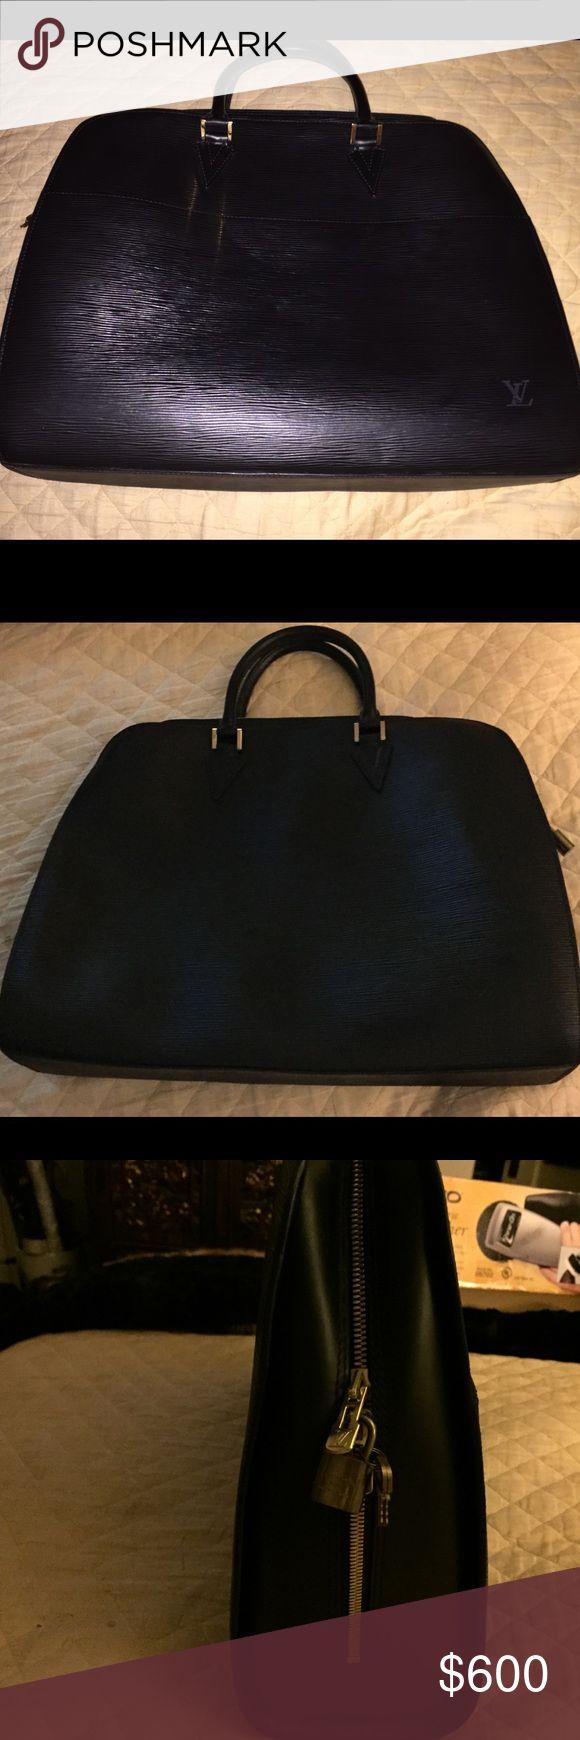 Louis Vuitton Sorbonne Black Authentic buy in Italy Louis Vuitton store years ago Louis Vuitton Bags Laptop Bags